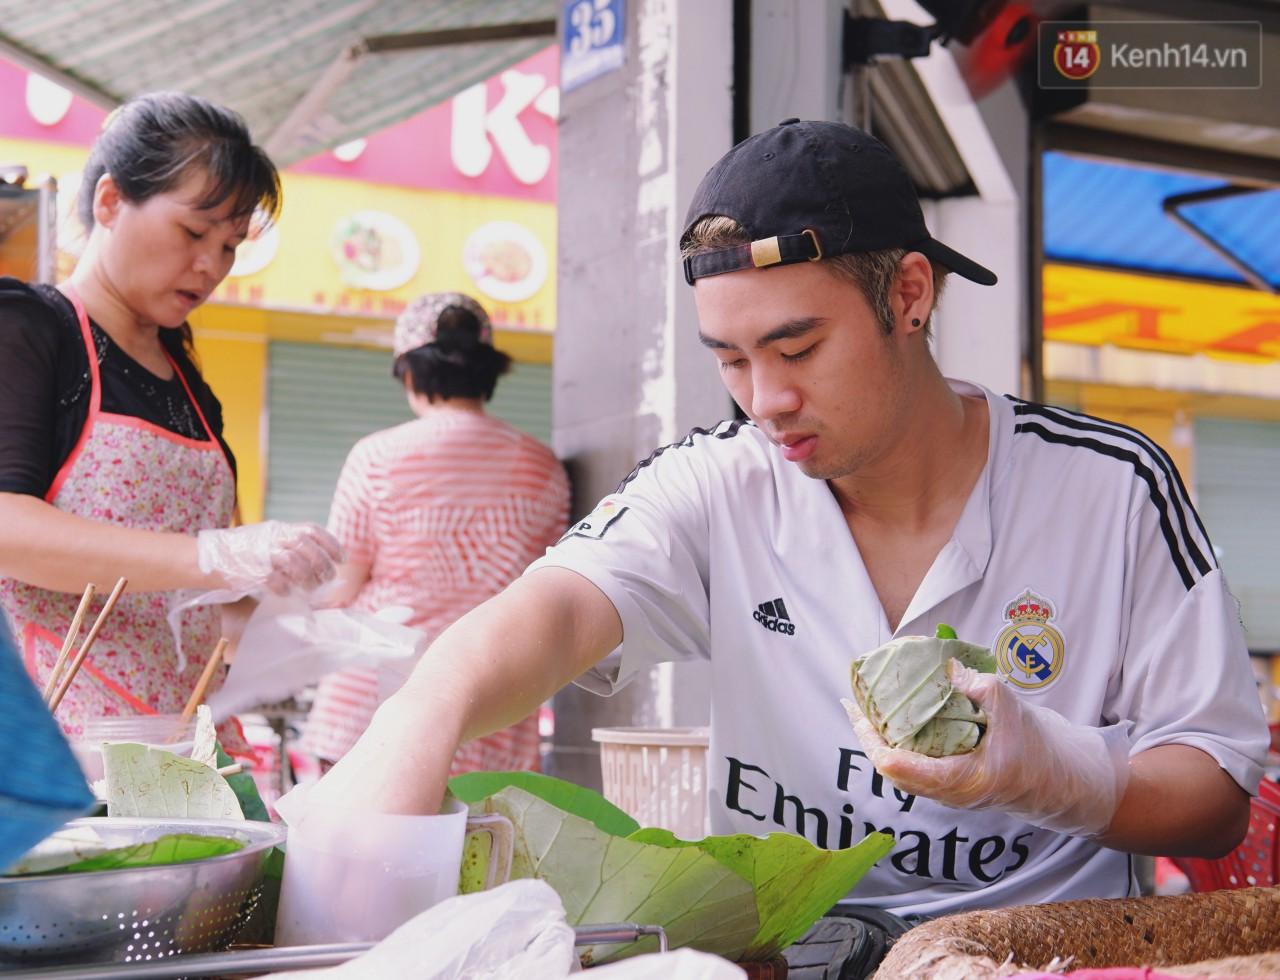 Quán xôi gói bằng lá sen mỗi sáng chỉ bán 3 tiếng là hết veo, người Sài Gòn xếp hàng nườm nượp chờ mua - Ảnh 5.